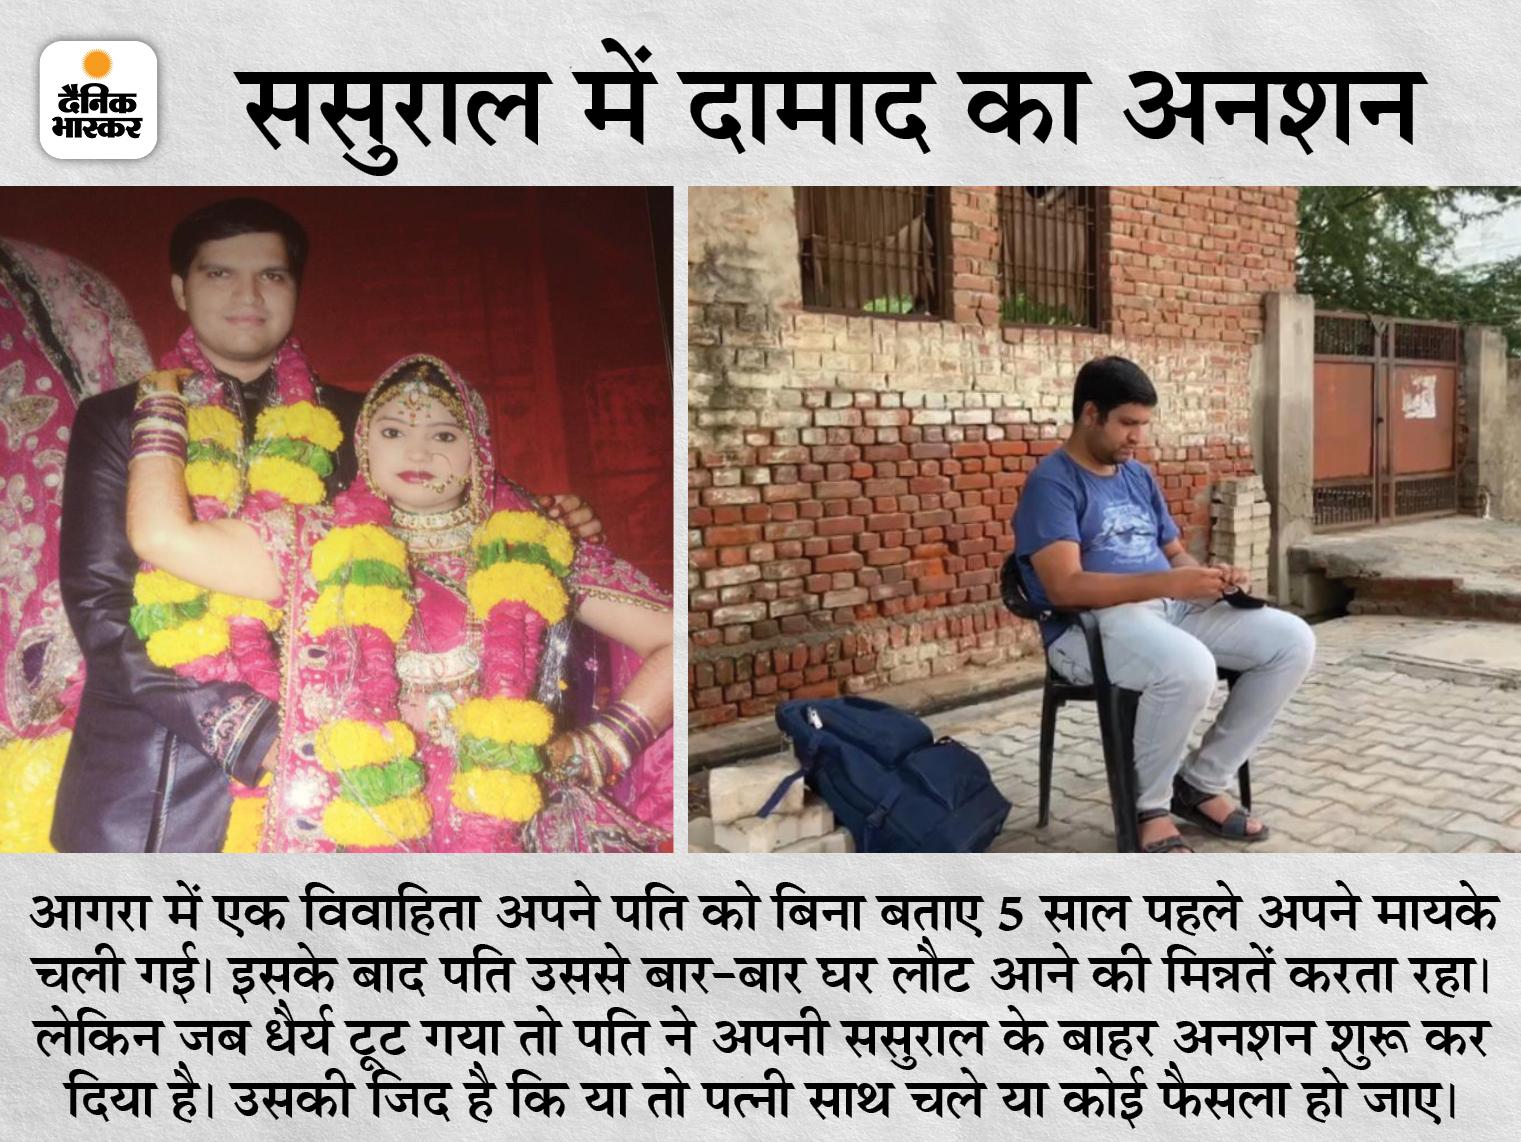 ब्यूटी पार्लर जाने के बहाने भागी थी पत्नी, 5 साल वापस नहीं आई, परेशान पति ने ससुराल के बाहर शुरू किया धरना उत्तरप्रदेश,Uttar Pradesh - Dainik Bhaskar